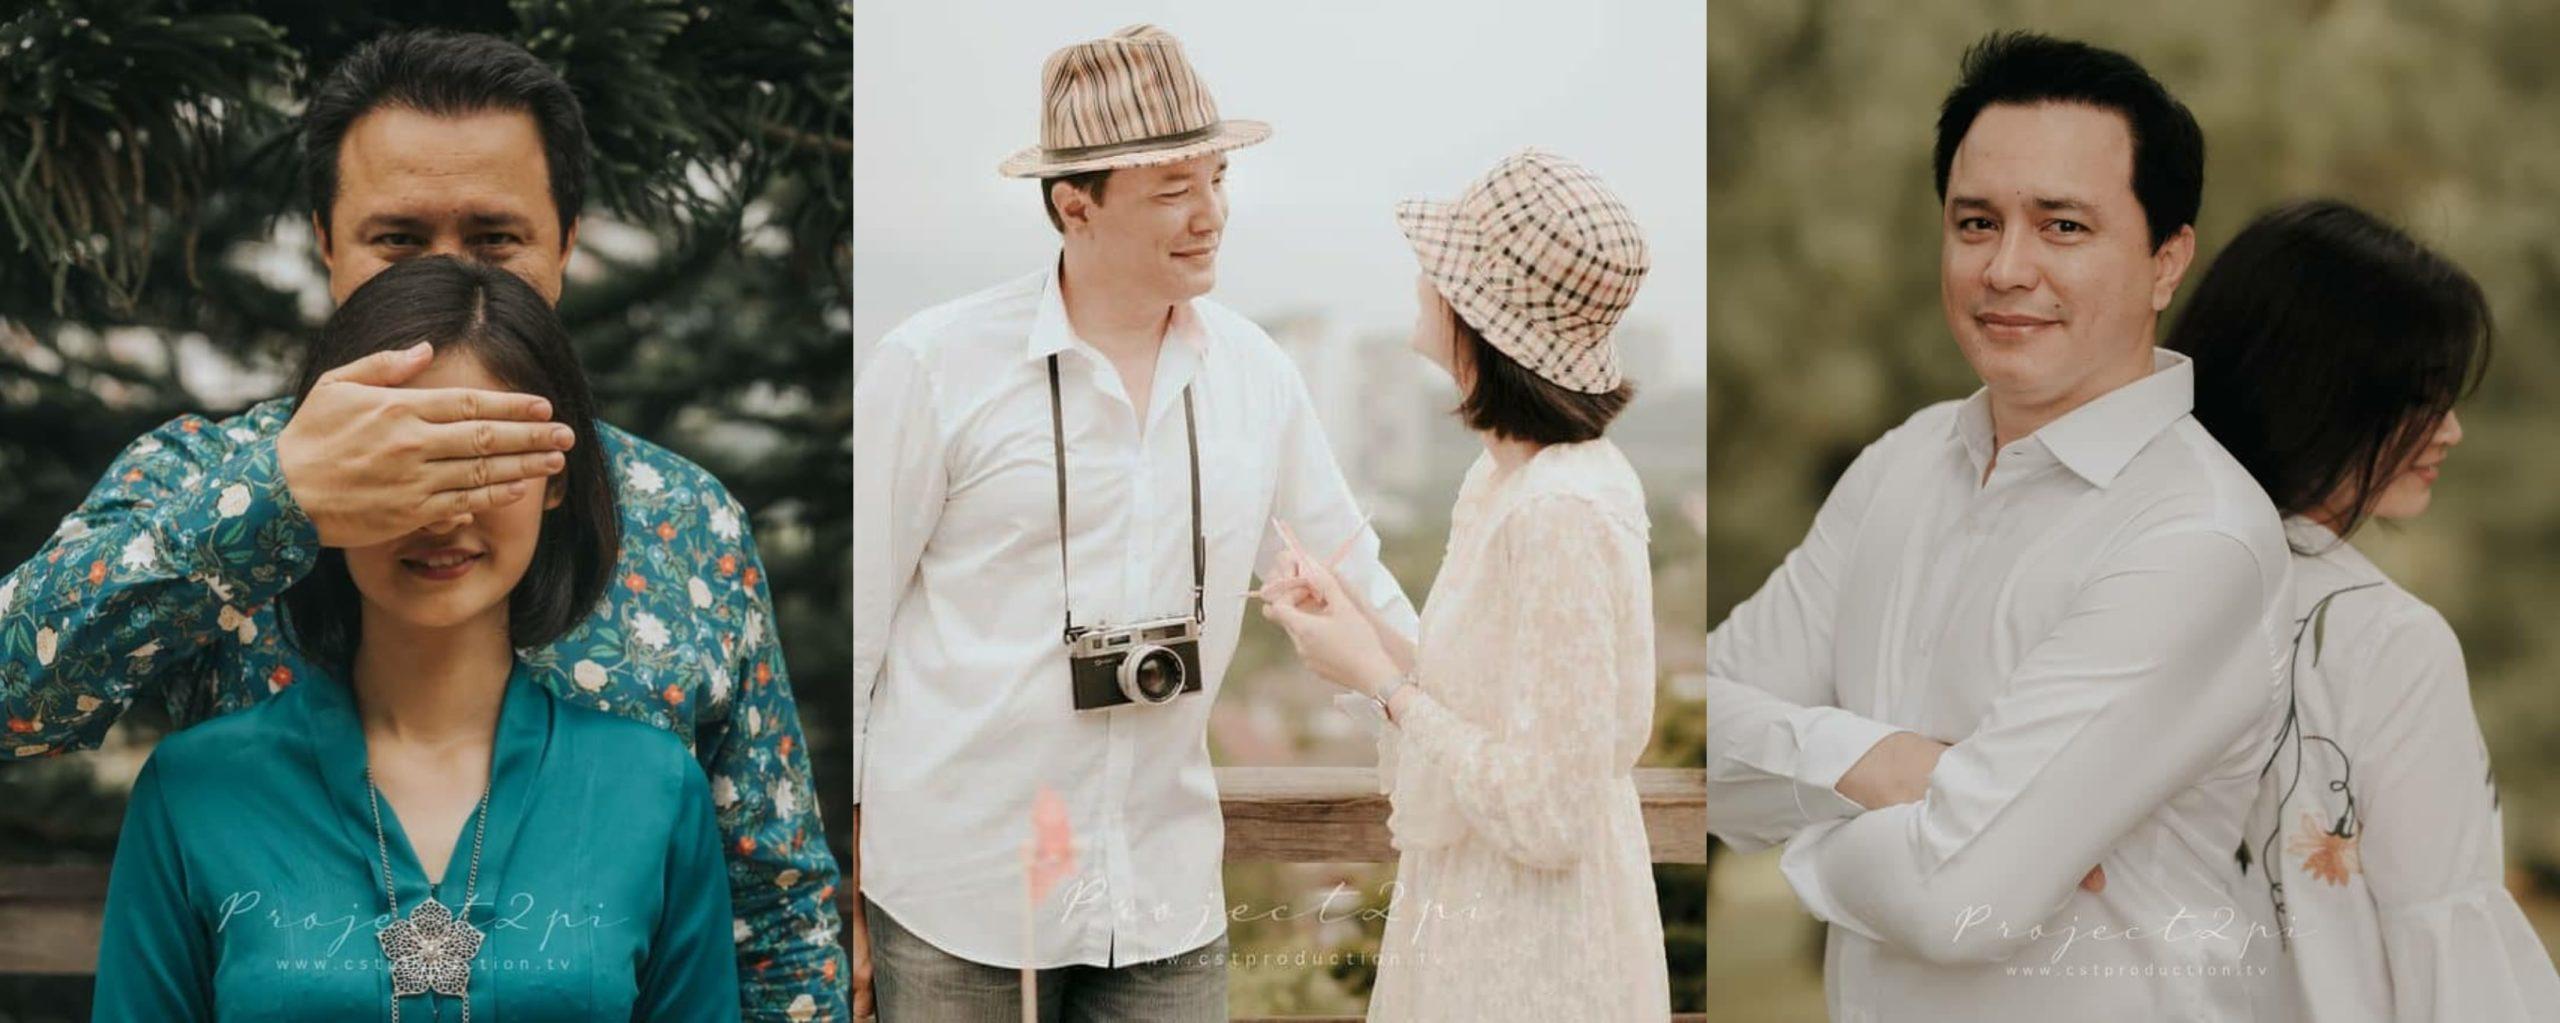 [VIDEO] Berebut Ucap 'I Love You', Isteri DS Eizlan Dikatakan Macam Ayda Jebat